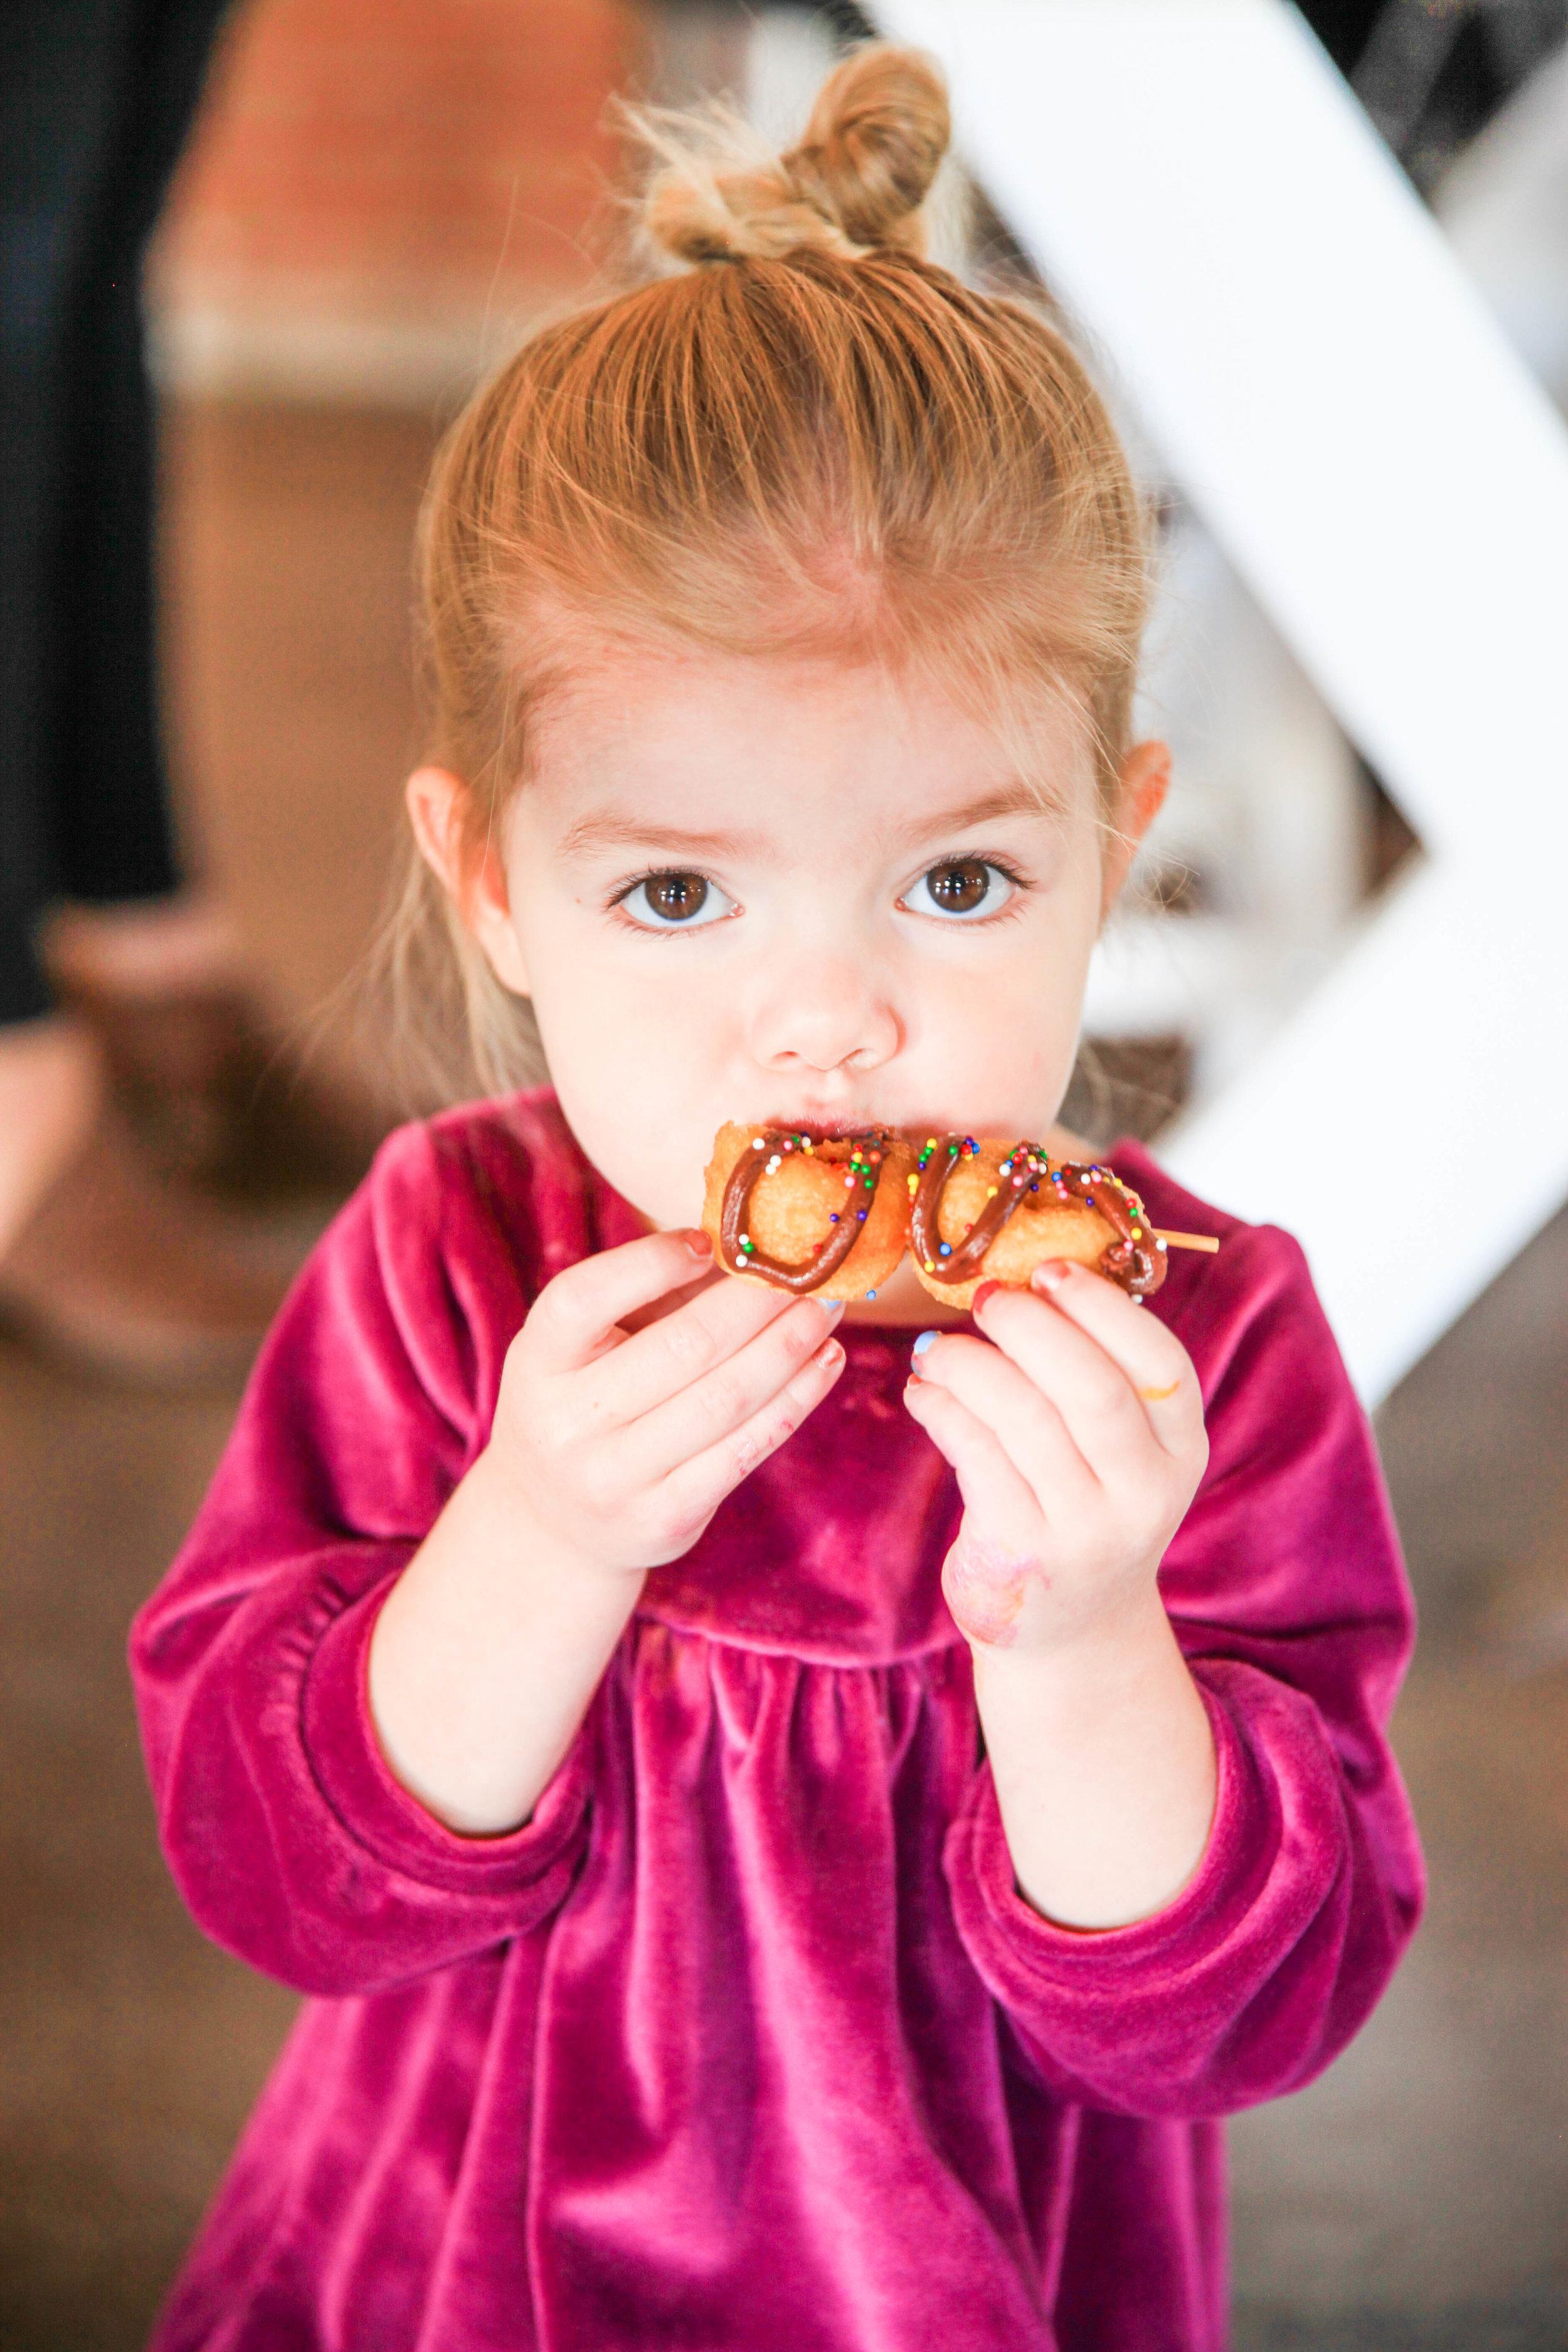 Child Eating Donut 2.jpg